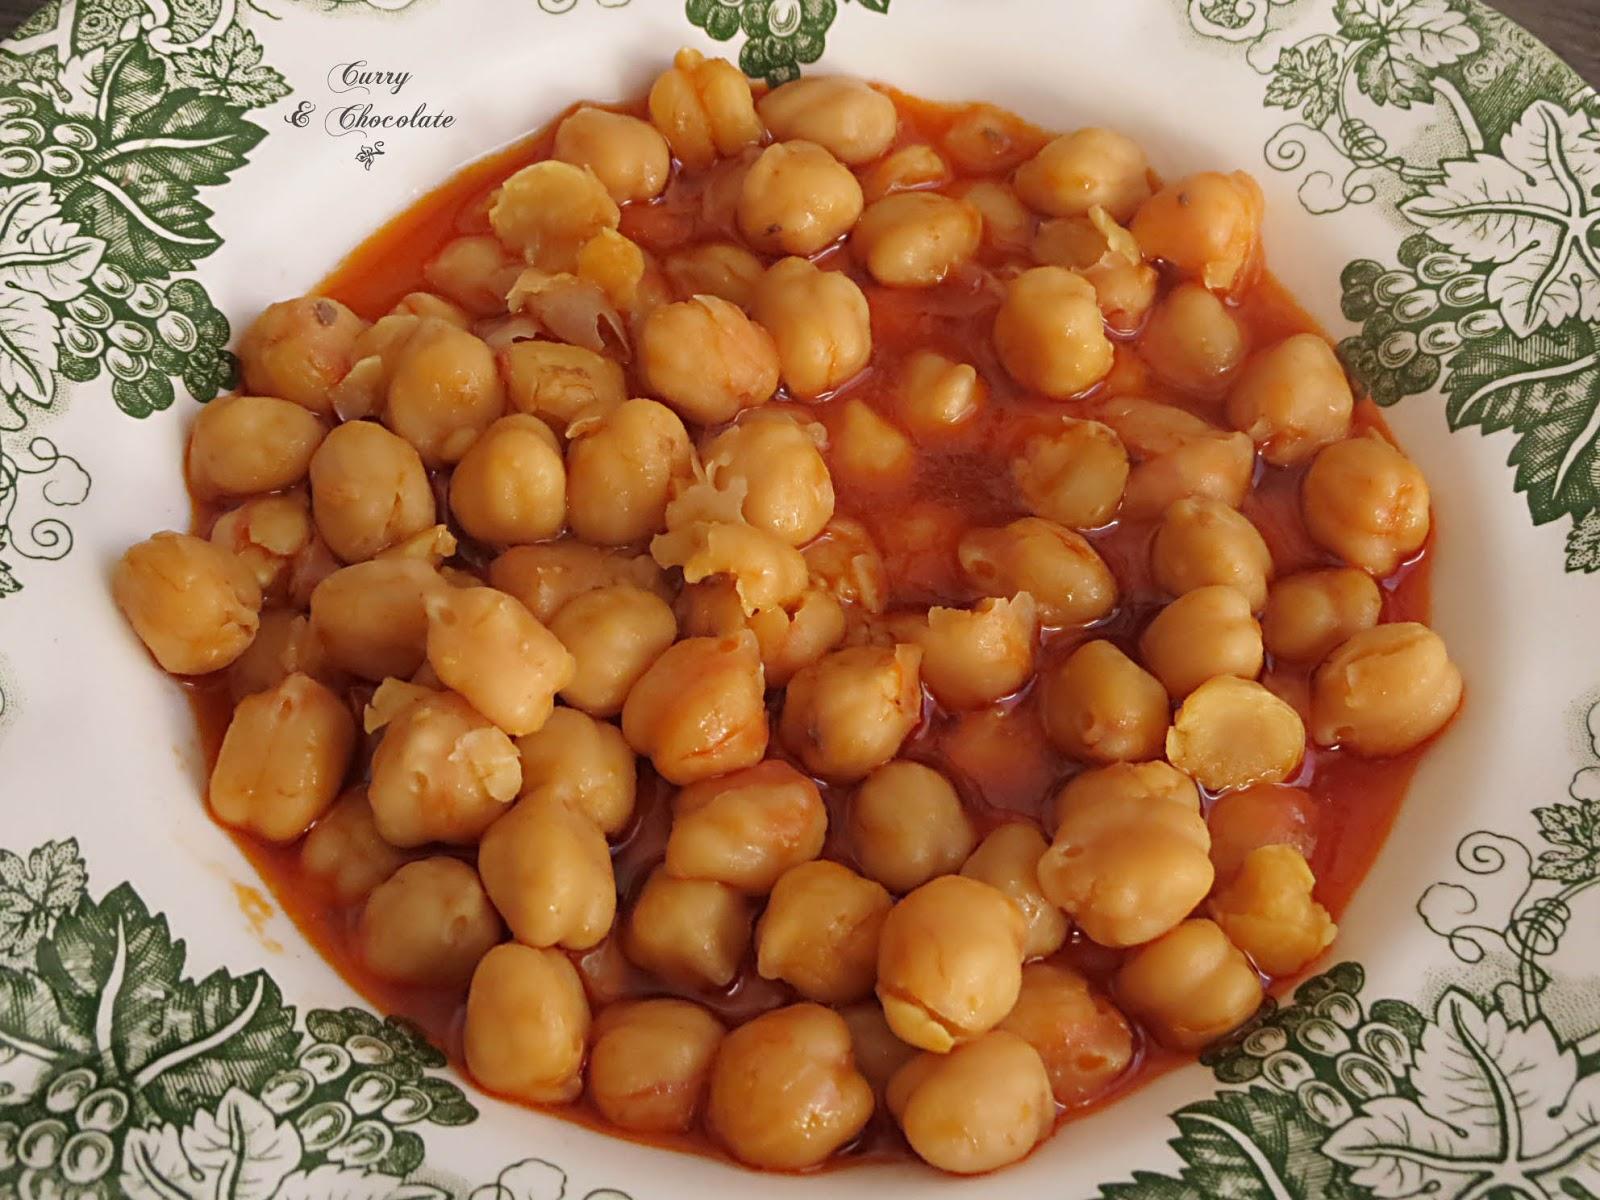 Cocido de garbanzos burgalés – Chickpea stew